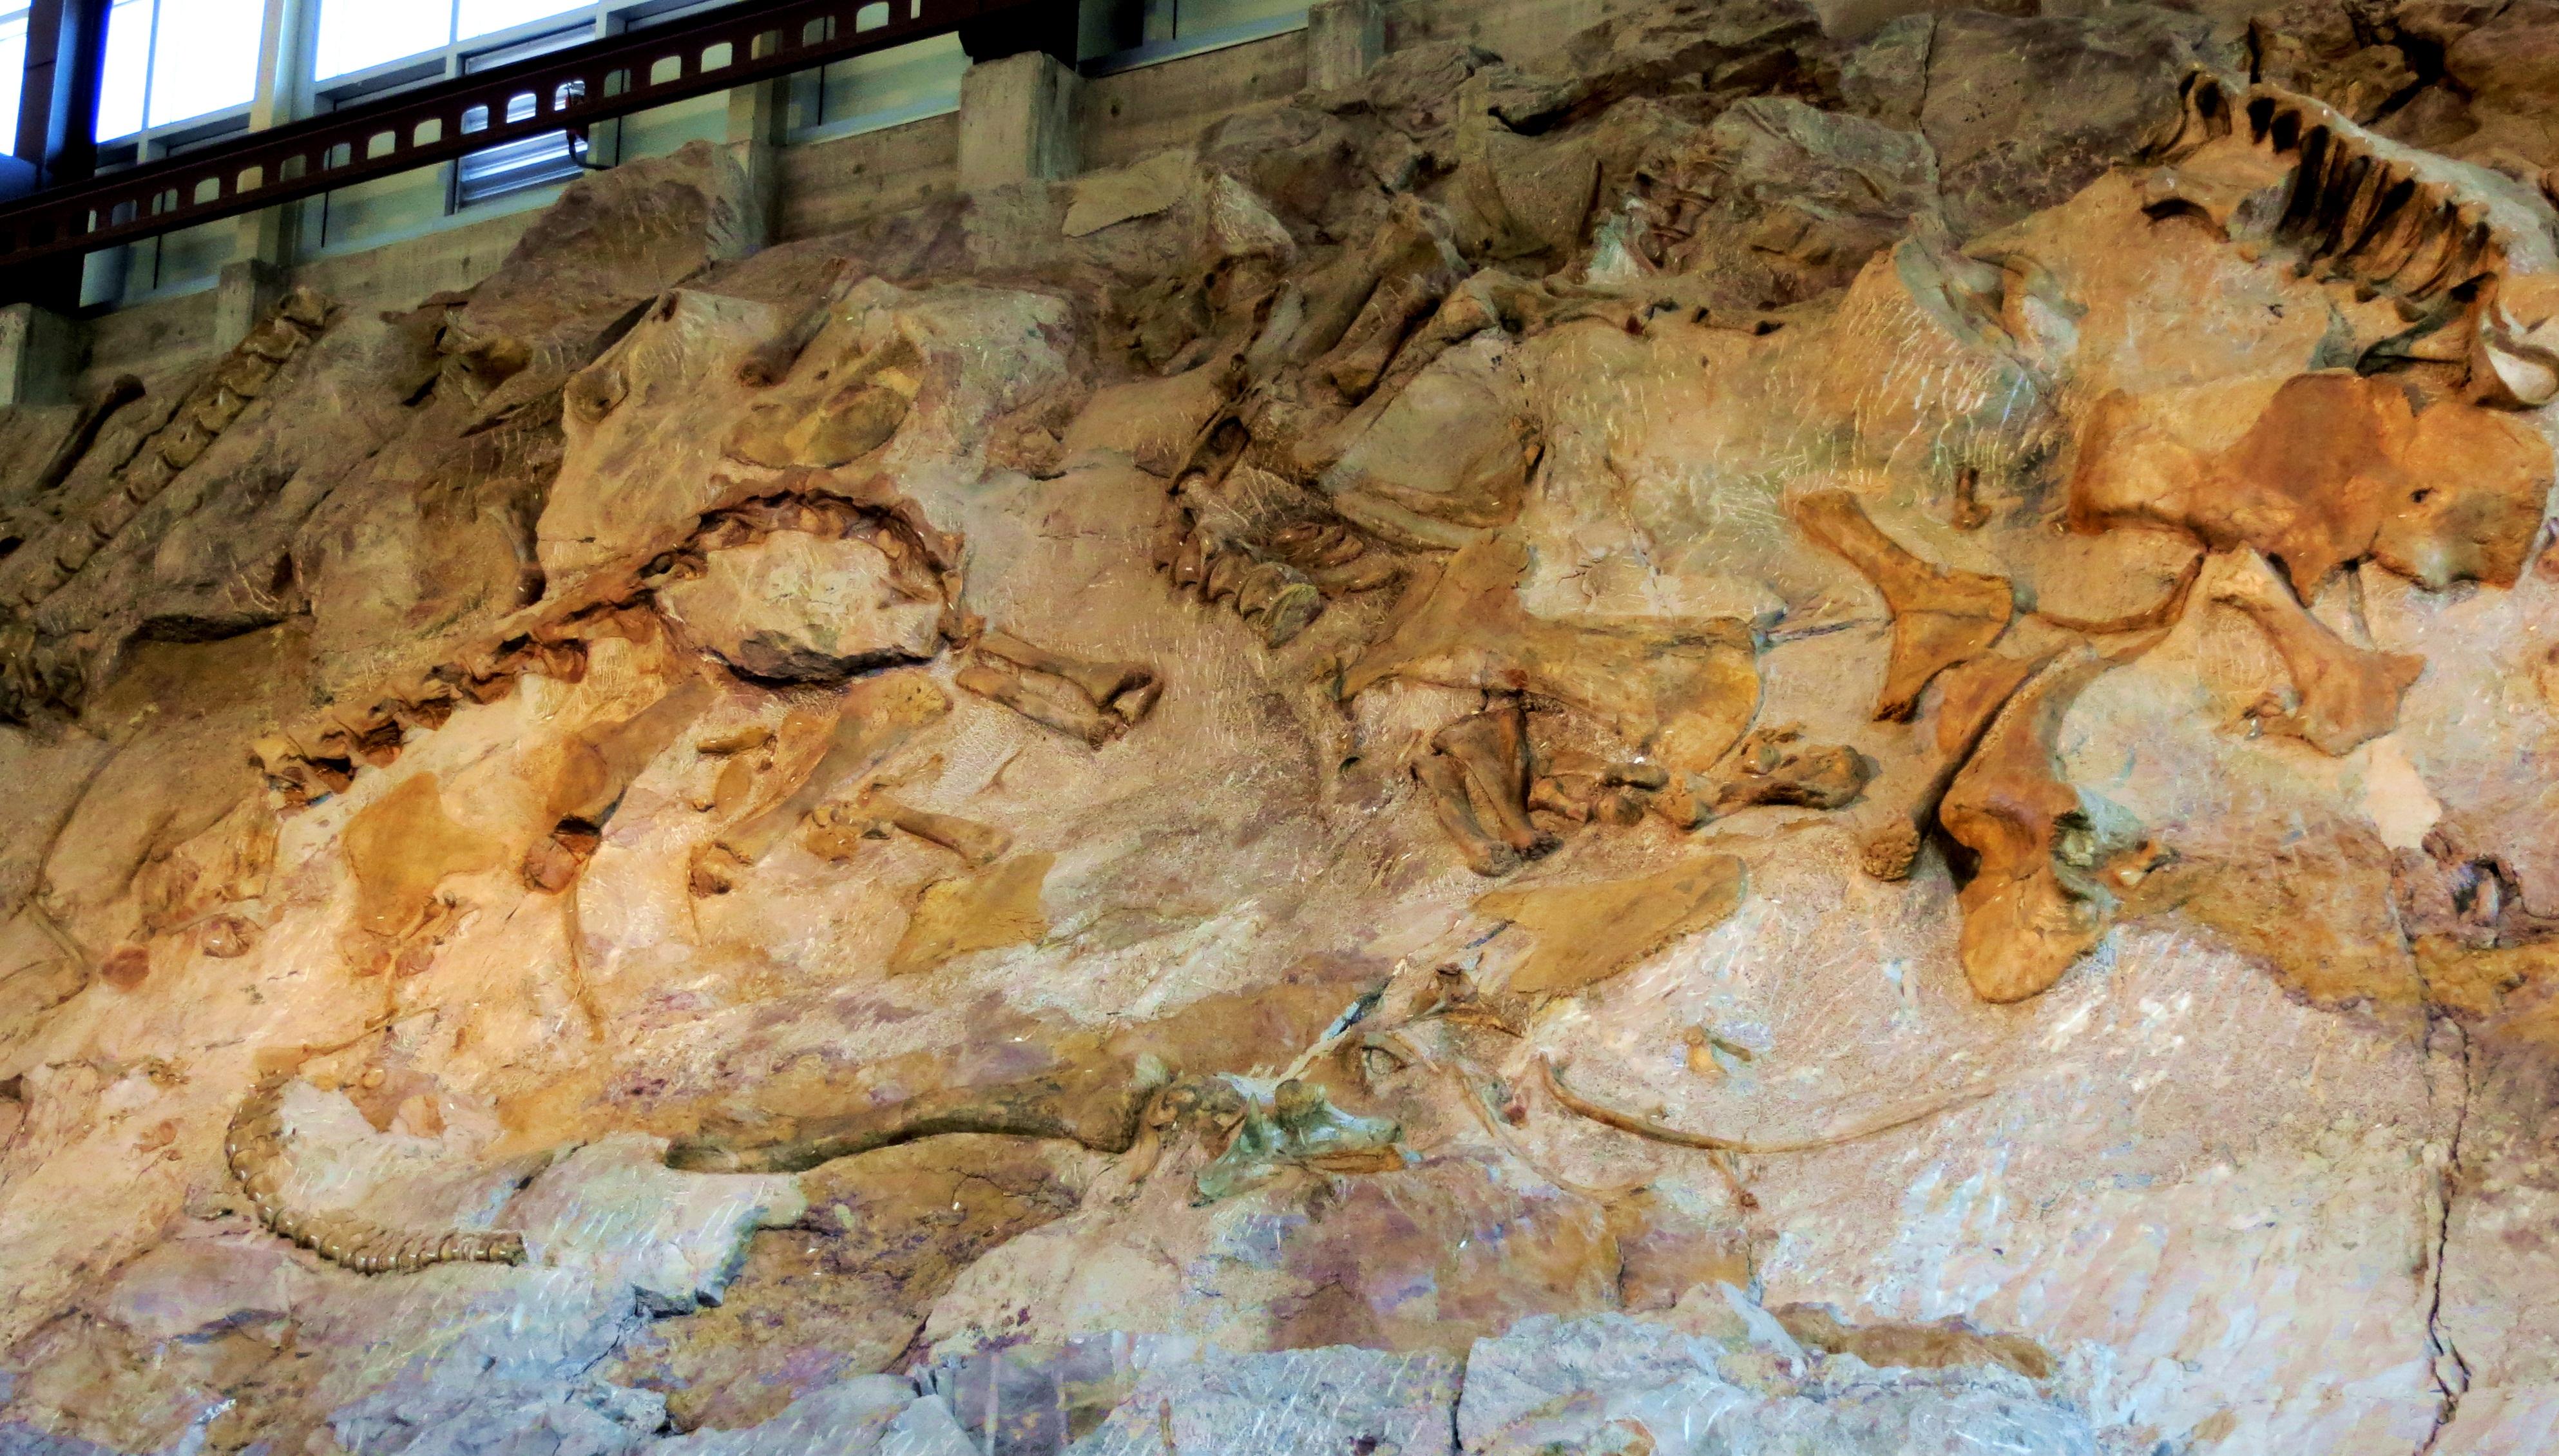 quarry visitor center